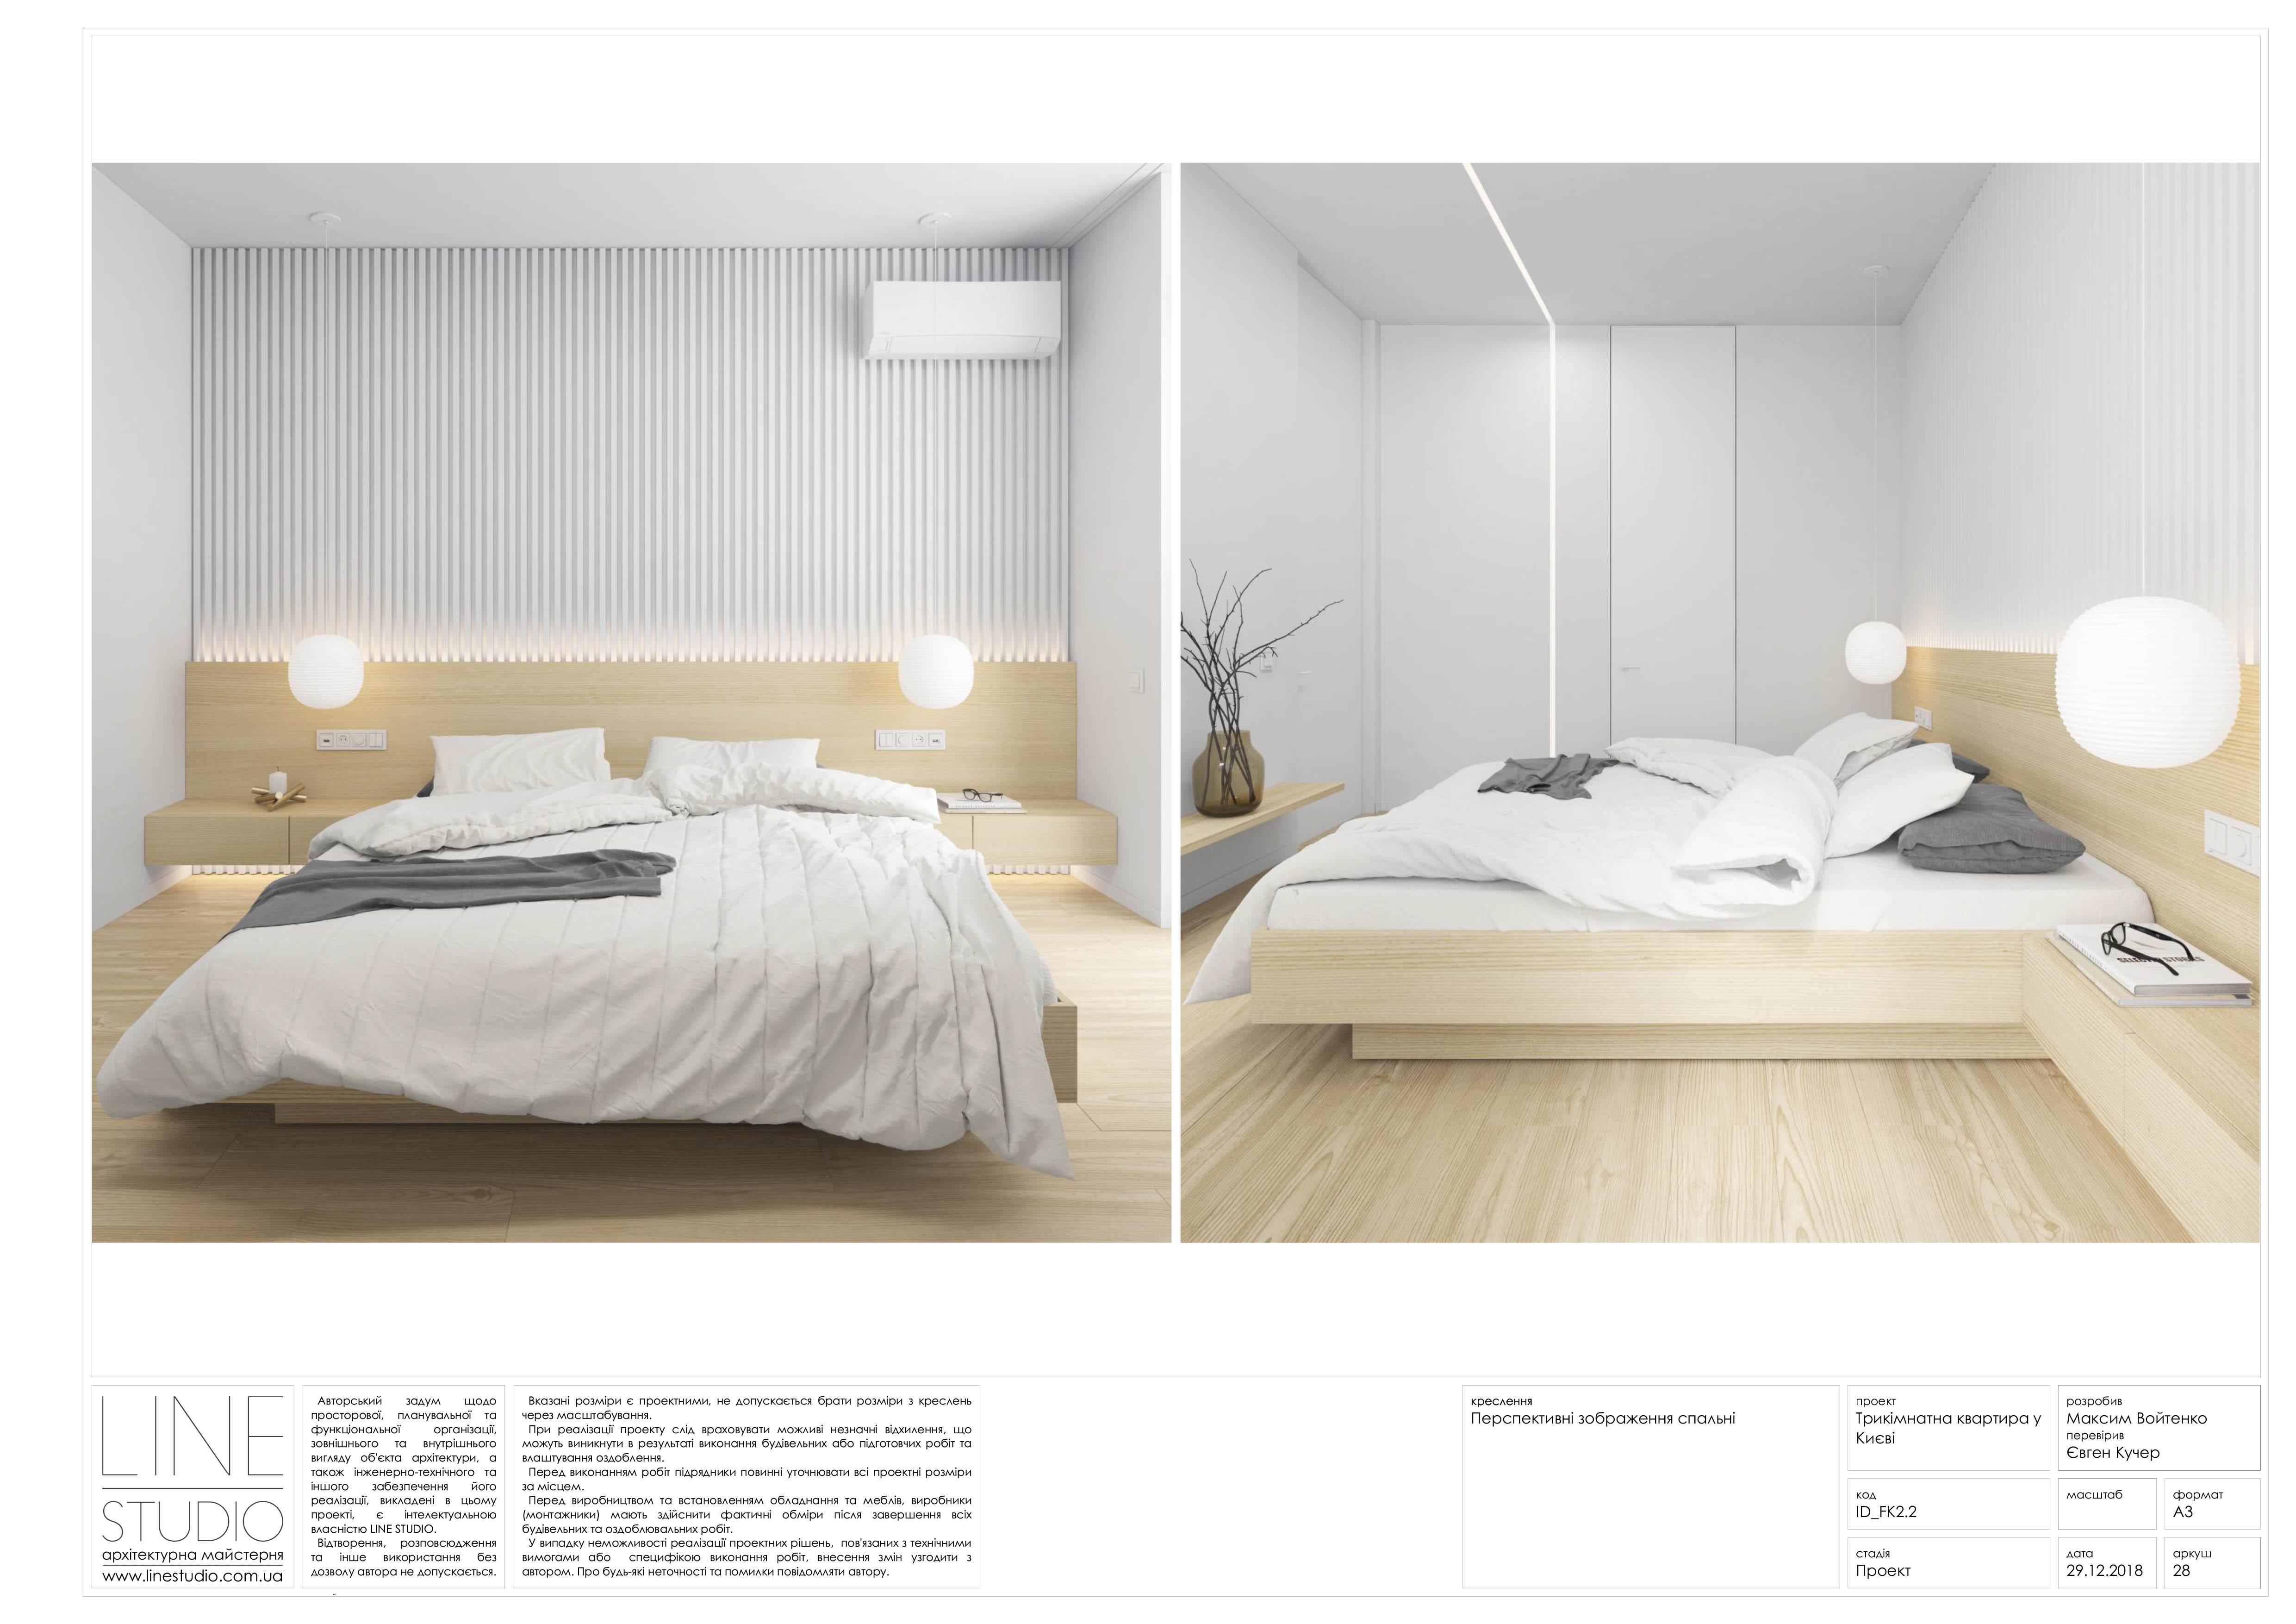 28_fk2.2_Перспективні зображення спальні